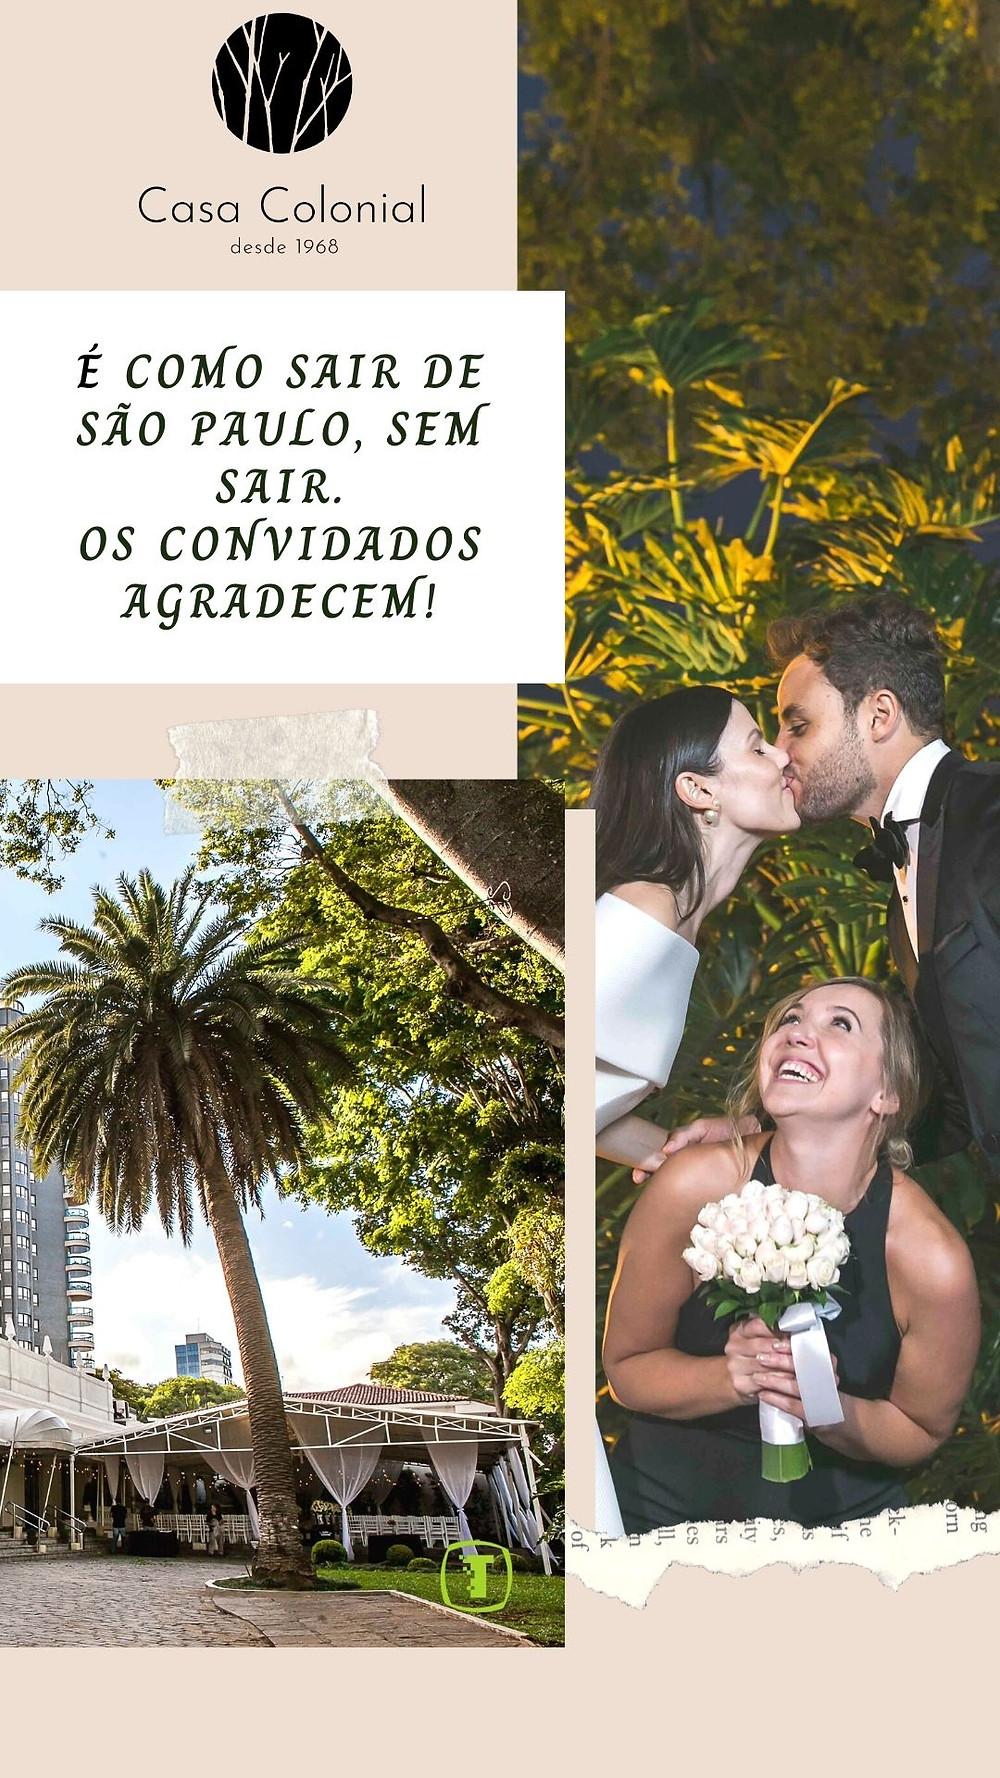 Jardim para casamento Buffet Colonial, ambiente externo para casamento, casamento no jardim são paulo